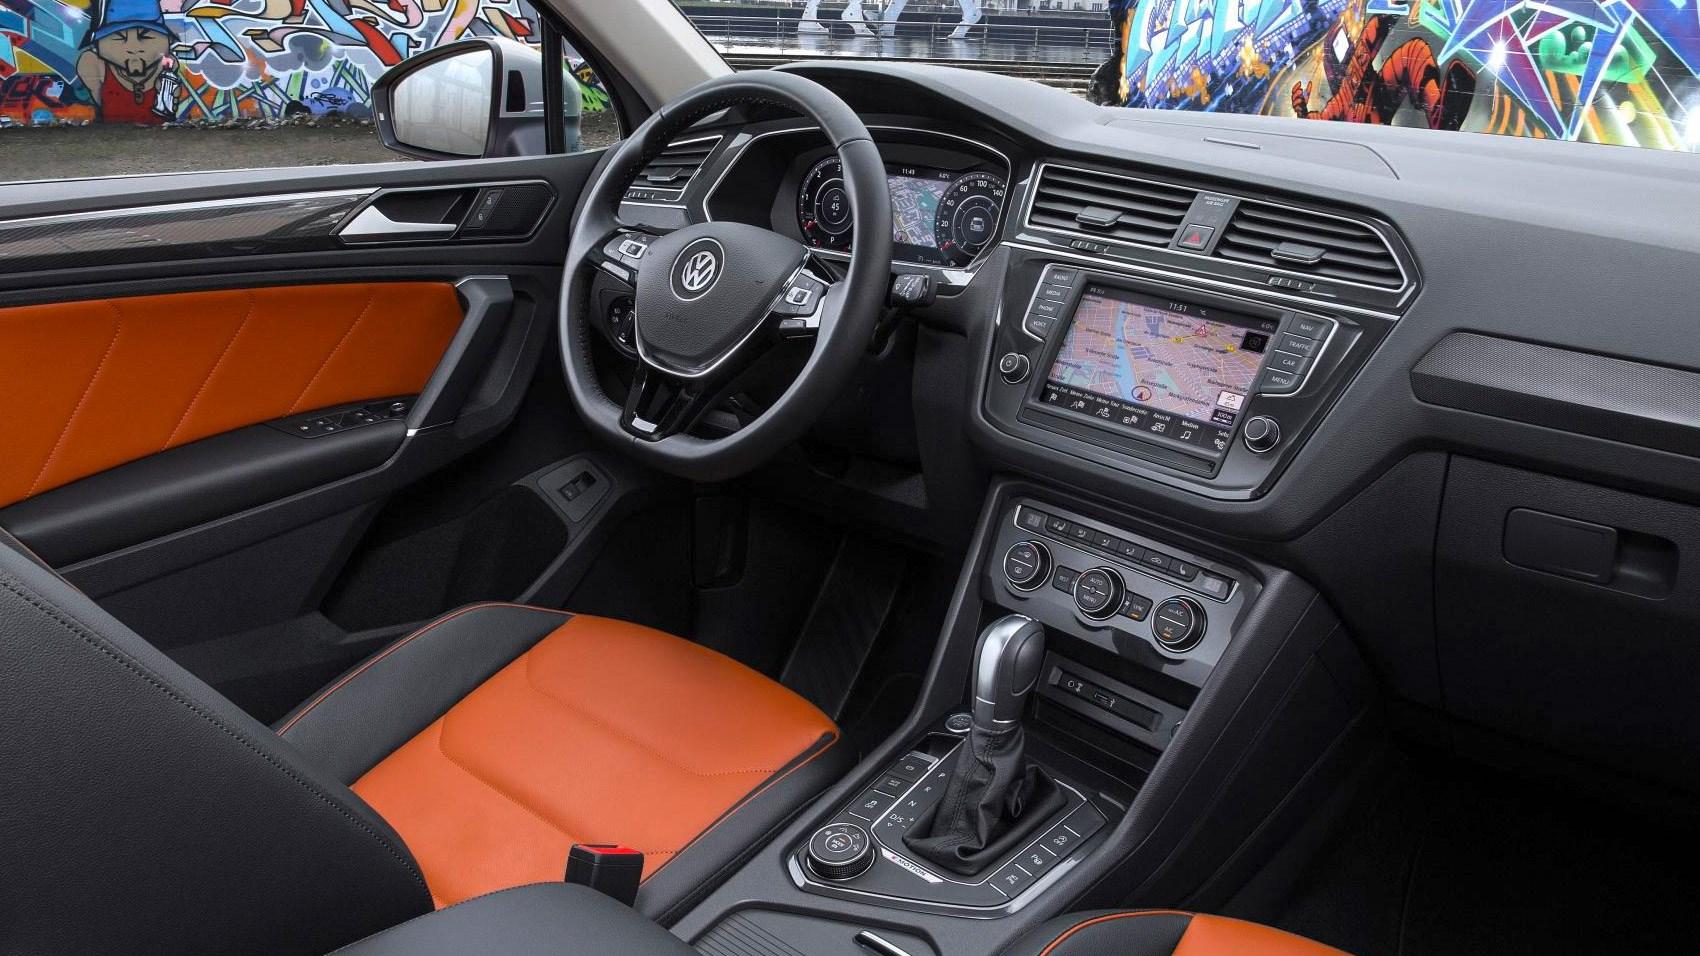 2017 Vw Jetta >> VW Tiguan (2016) review by CAR Magazine